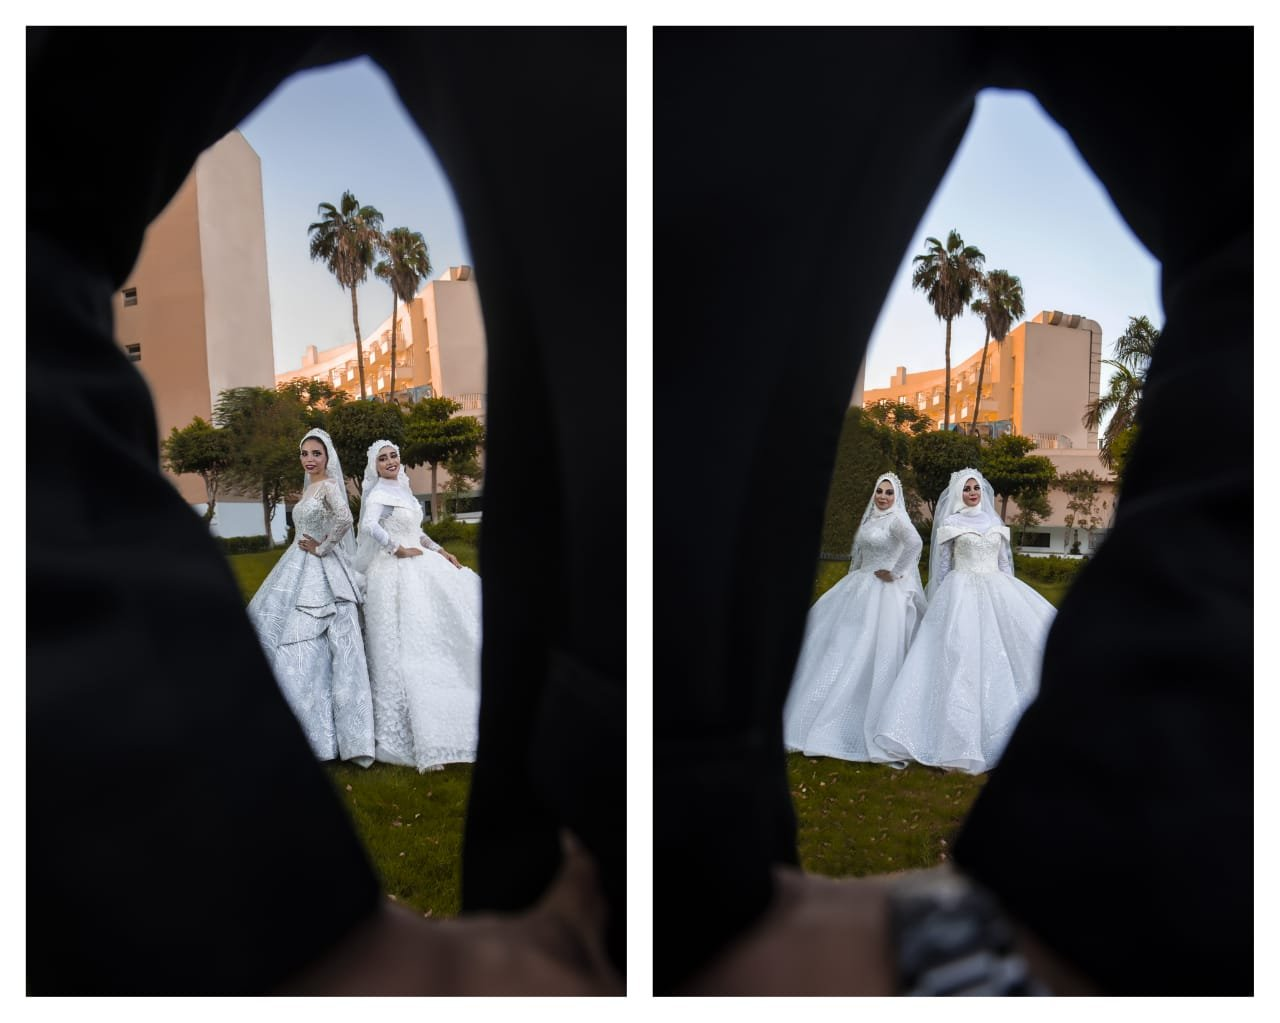 مصري يفاجئ والدته بالزفاف على 4 فتيات 84133494